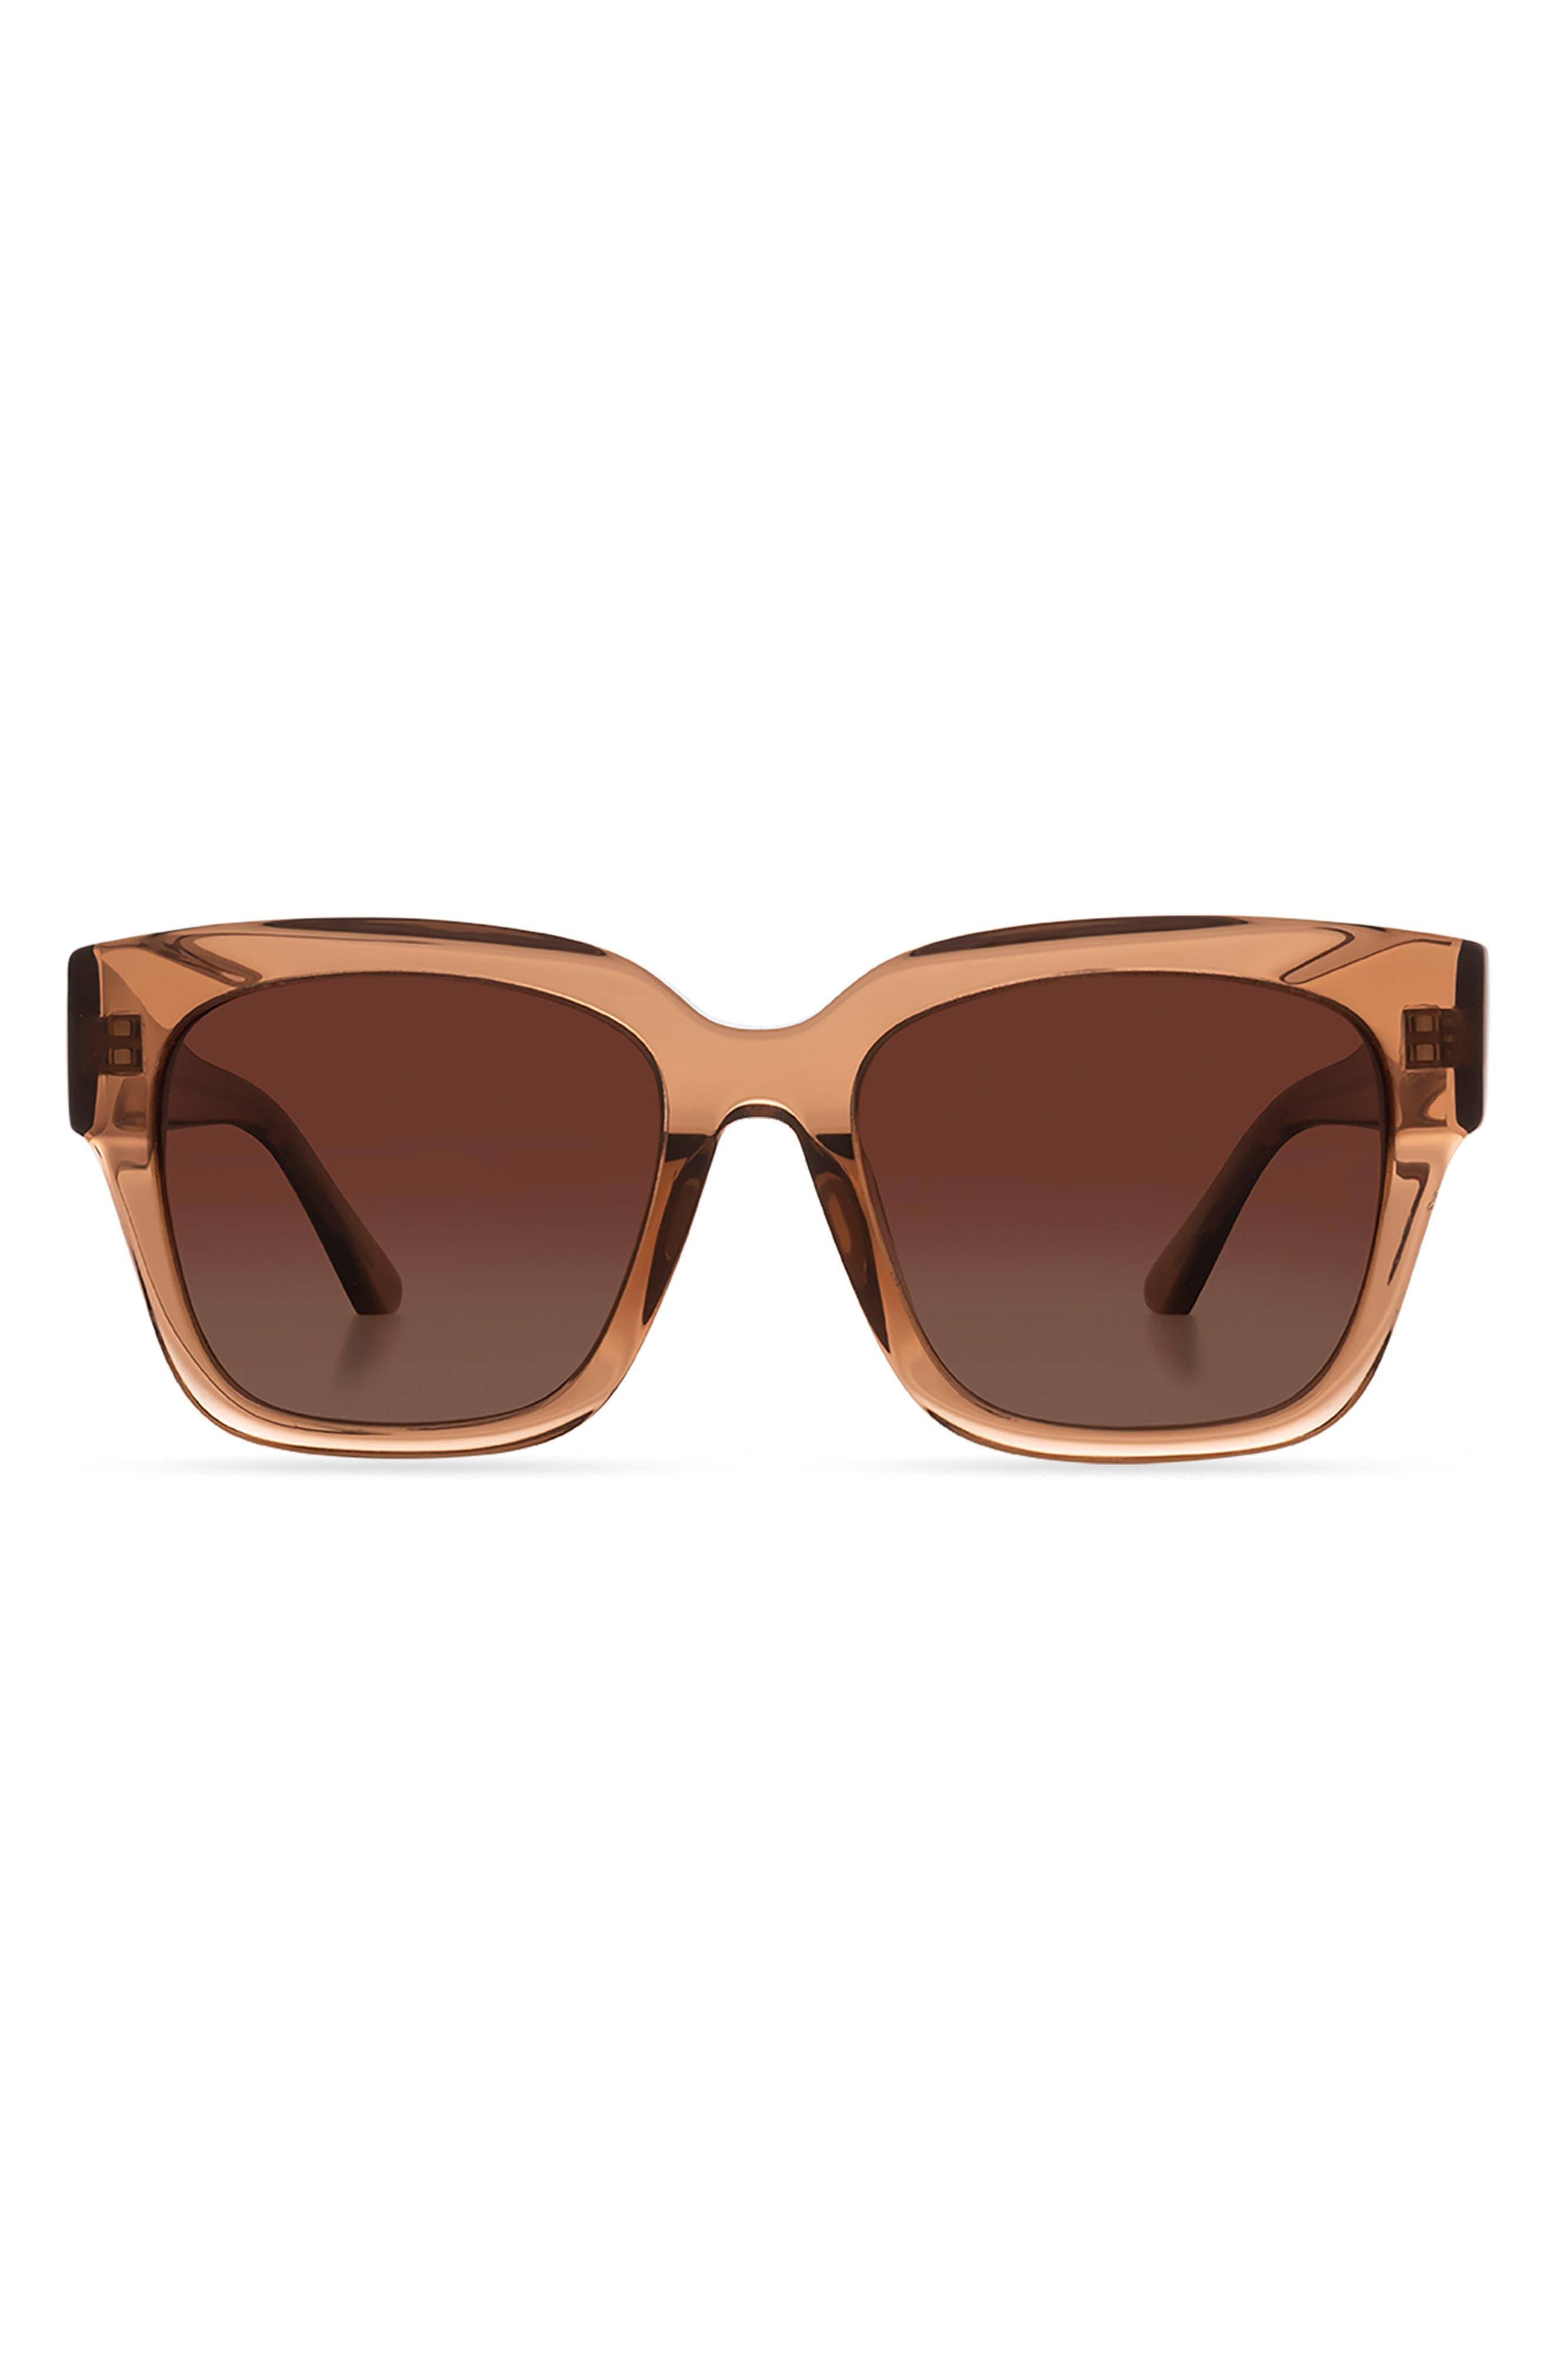 Bella Ii 54mm Polarized Square Sunglasses